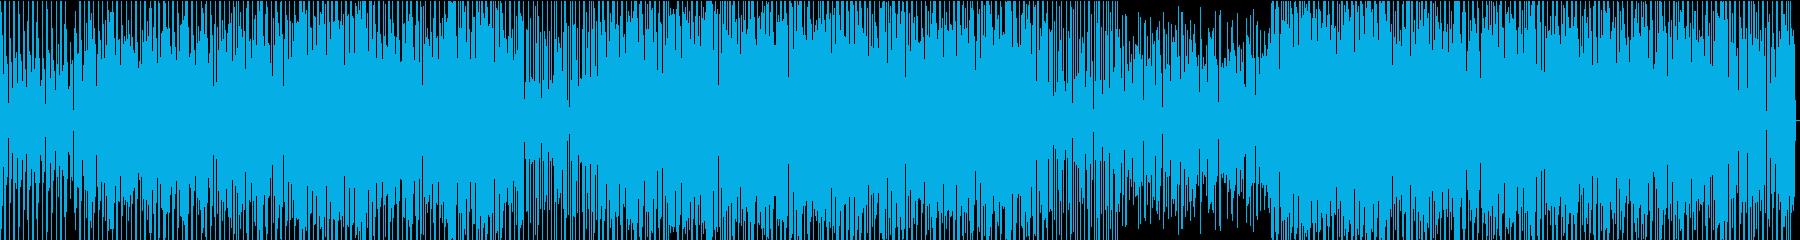 洗練されたスピード感ある映像に合うBGMの再生済みの波形